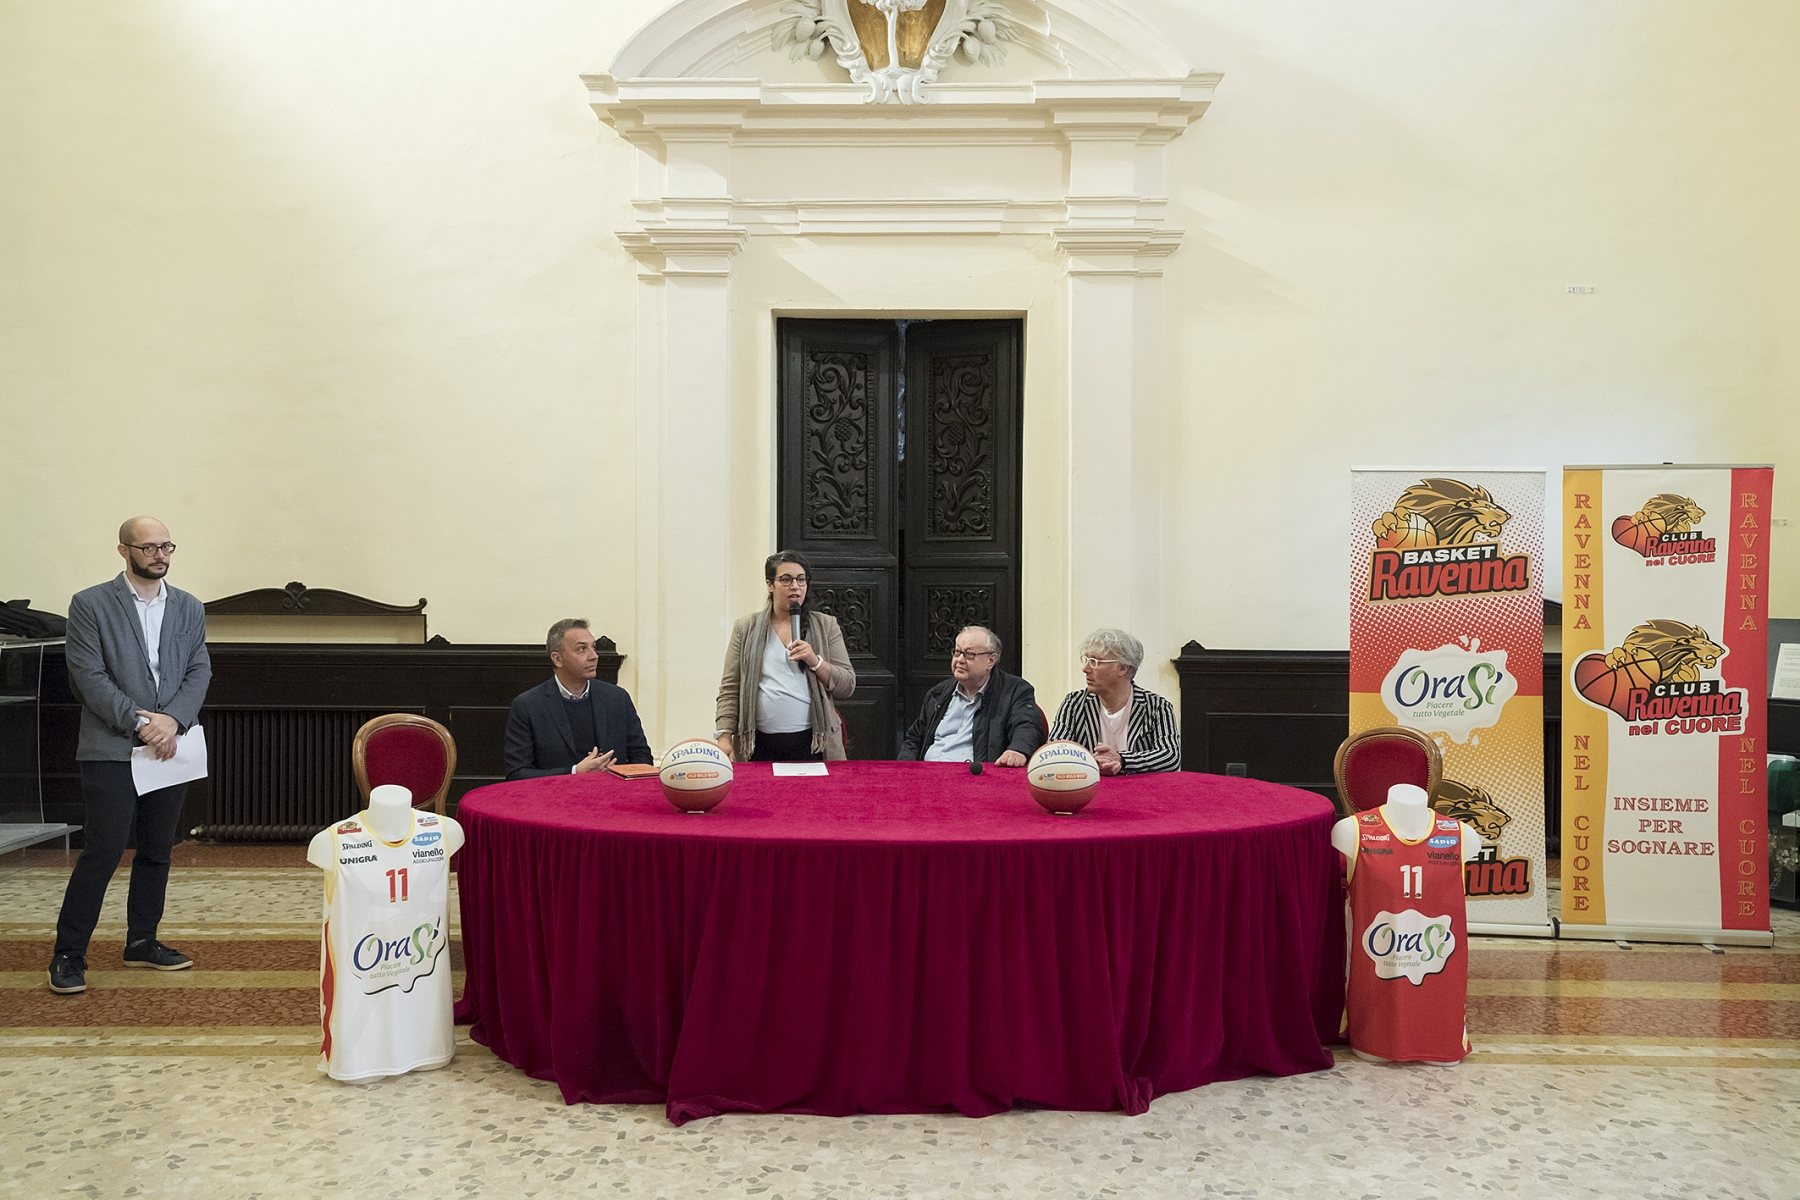 ORASI' BASKET RAVENNA, PRESENTATA LA NUOVA MAGLIA DI GIOCO.